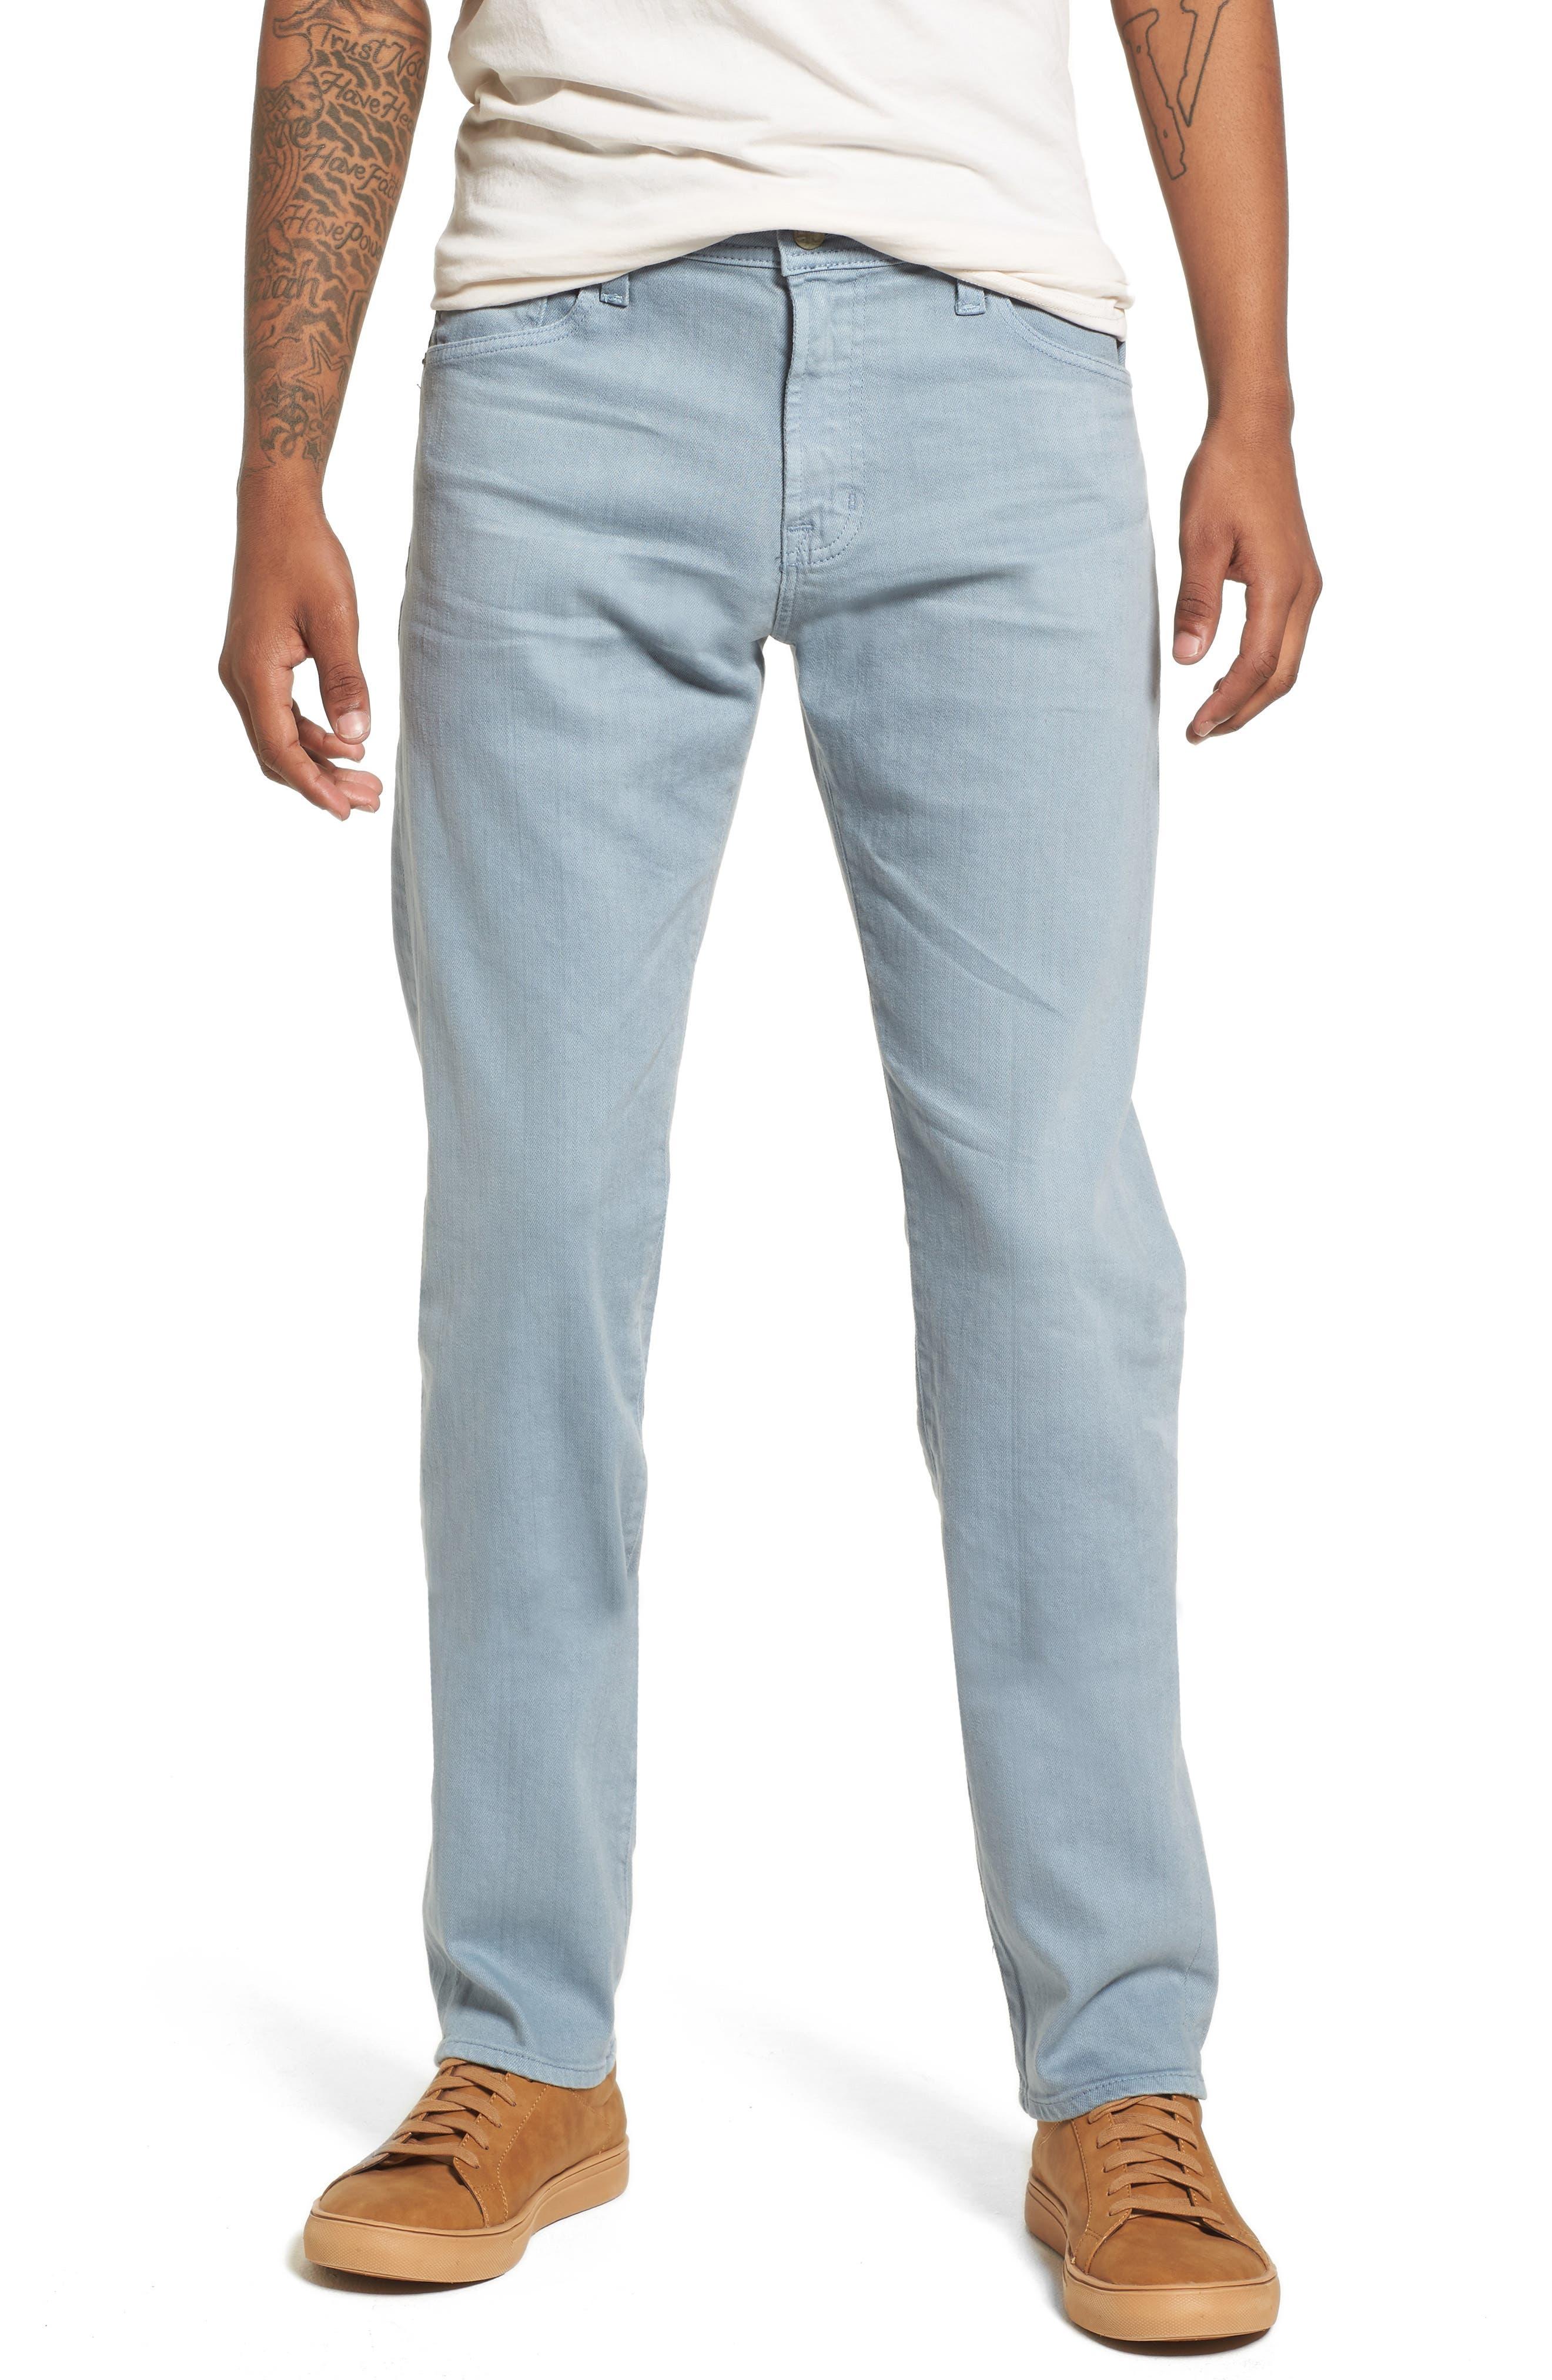 Tellis Slim Fit Jeans,                         Main,                         color, 7 Years Ocean Mist